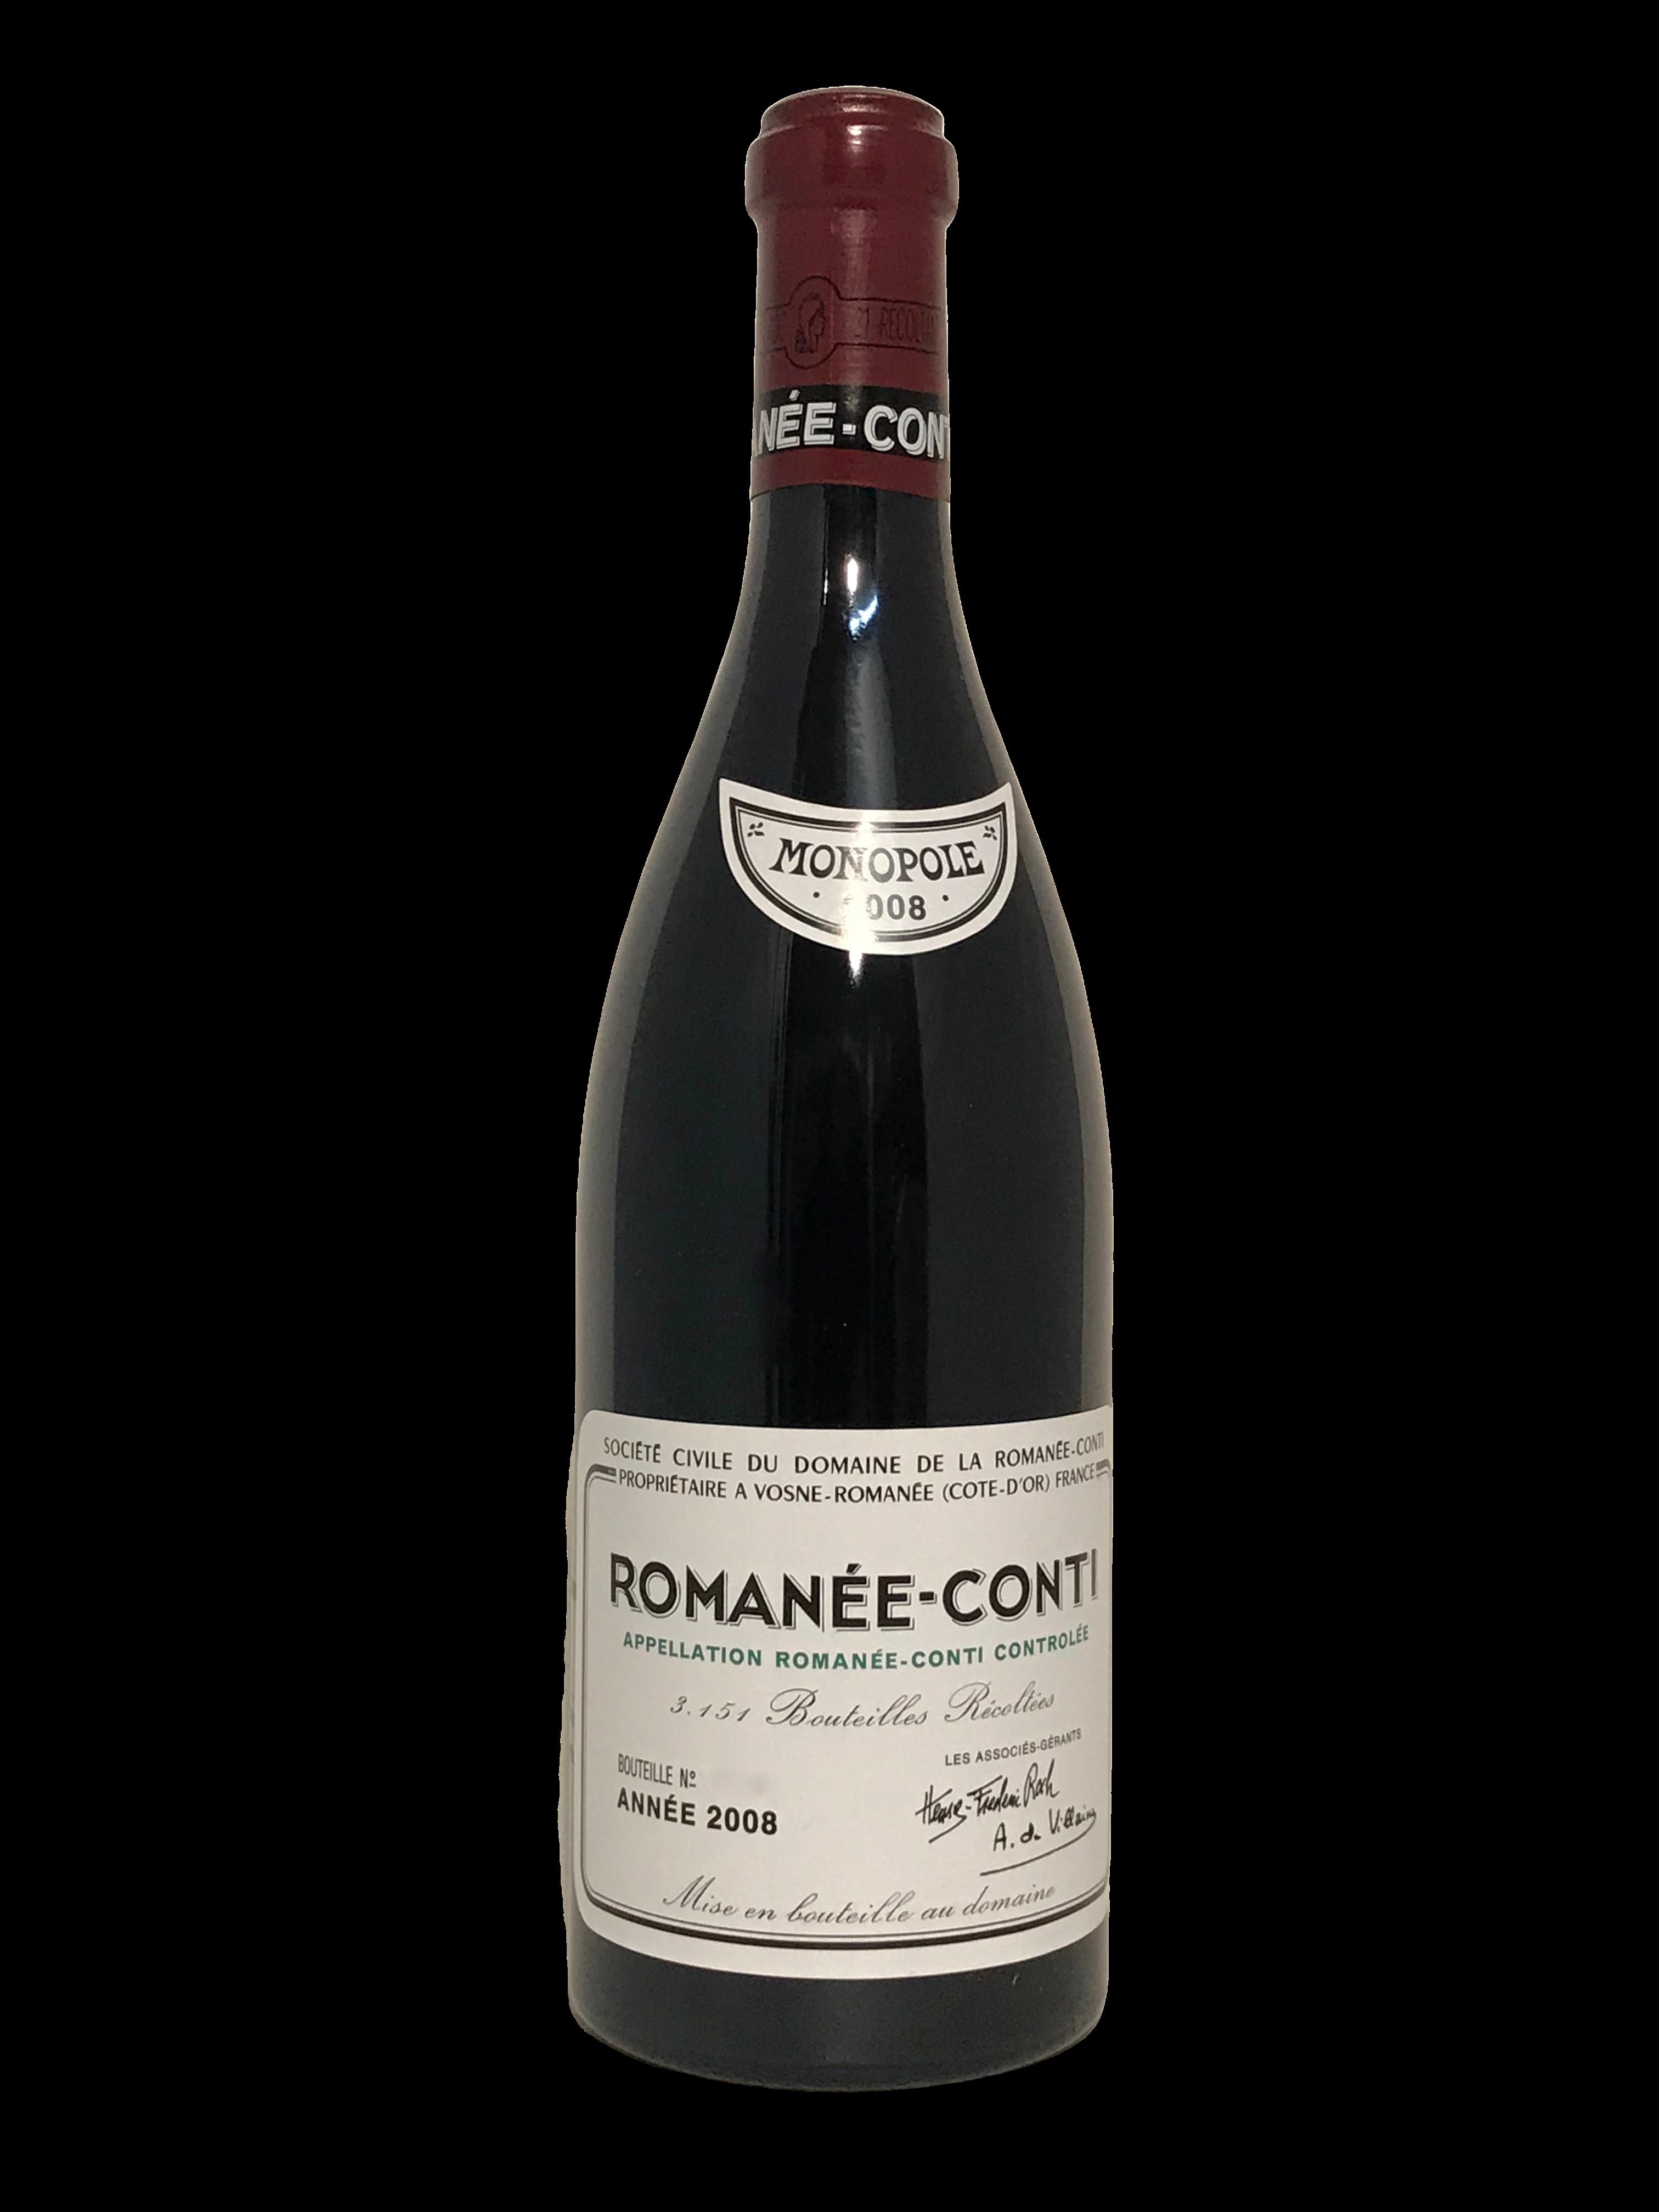 Domaine de la Romanée-Conti (DRC) – Romanée-Conti 2008